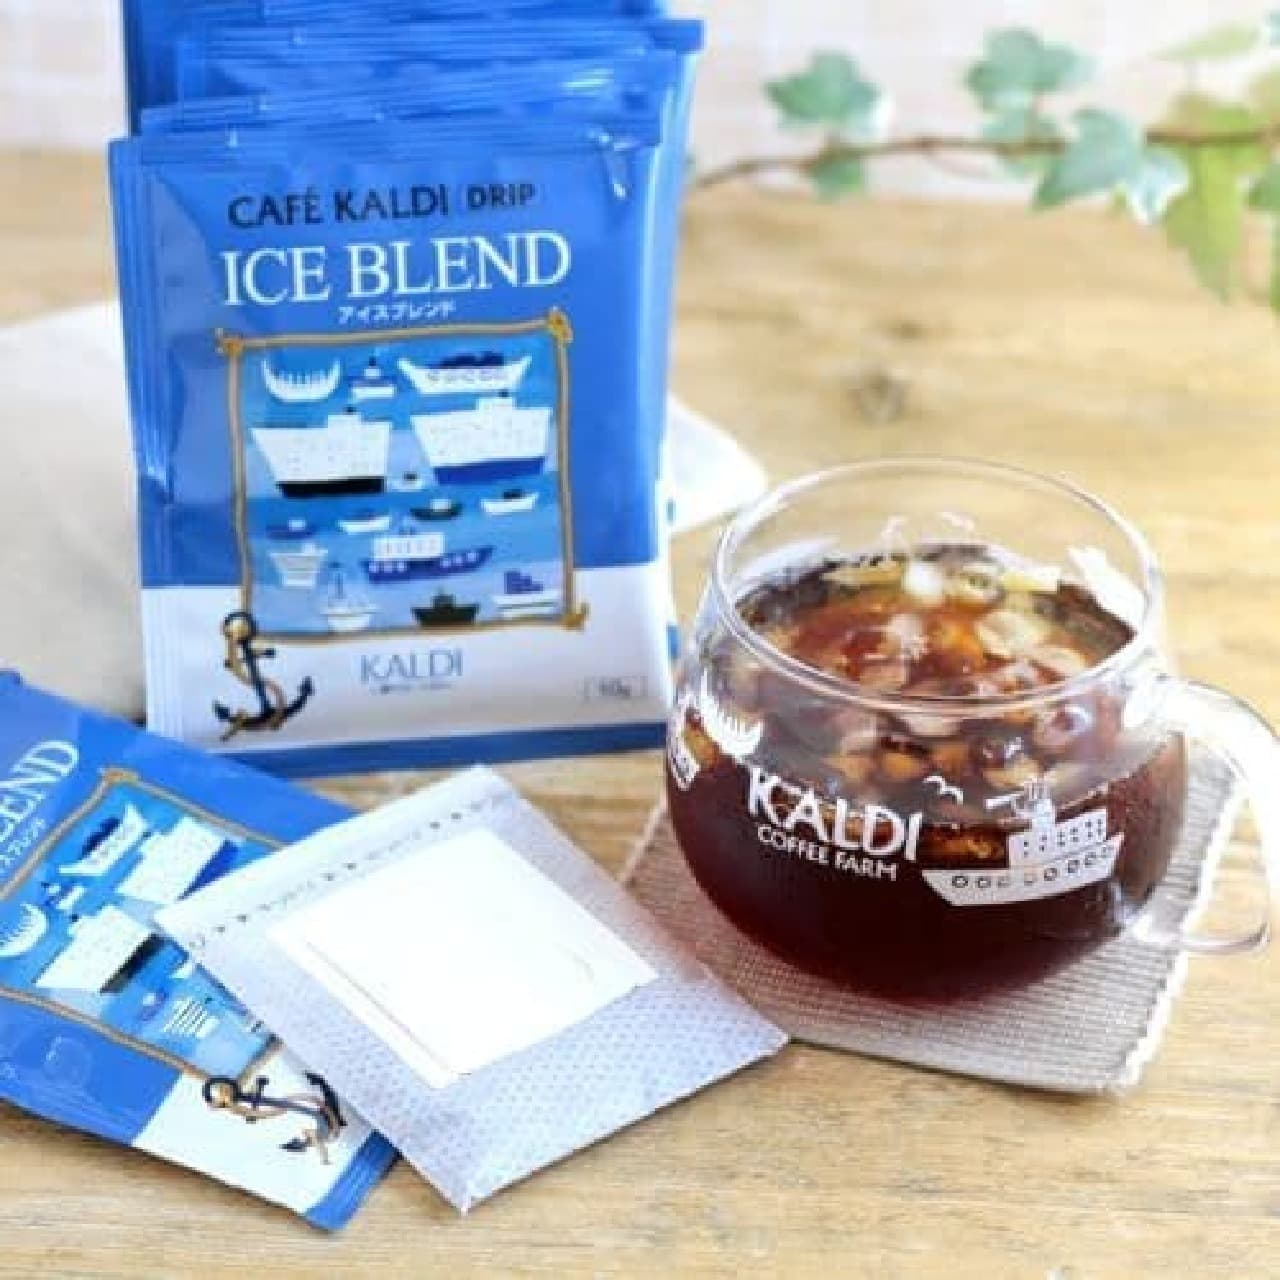 「グラスマグ&ドリップコーヒーセット」は「耐熱グラスマグと「ドリップコーヒー アイスブレンド(8袋)」が入ったセット